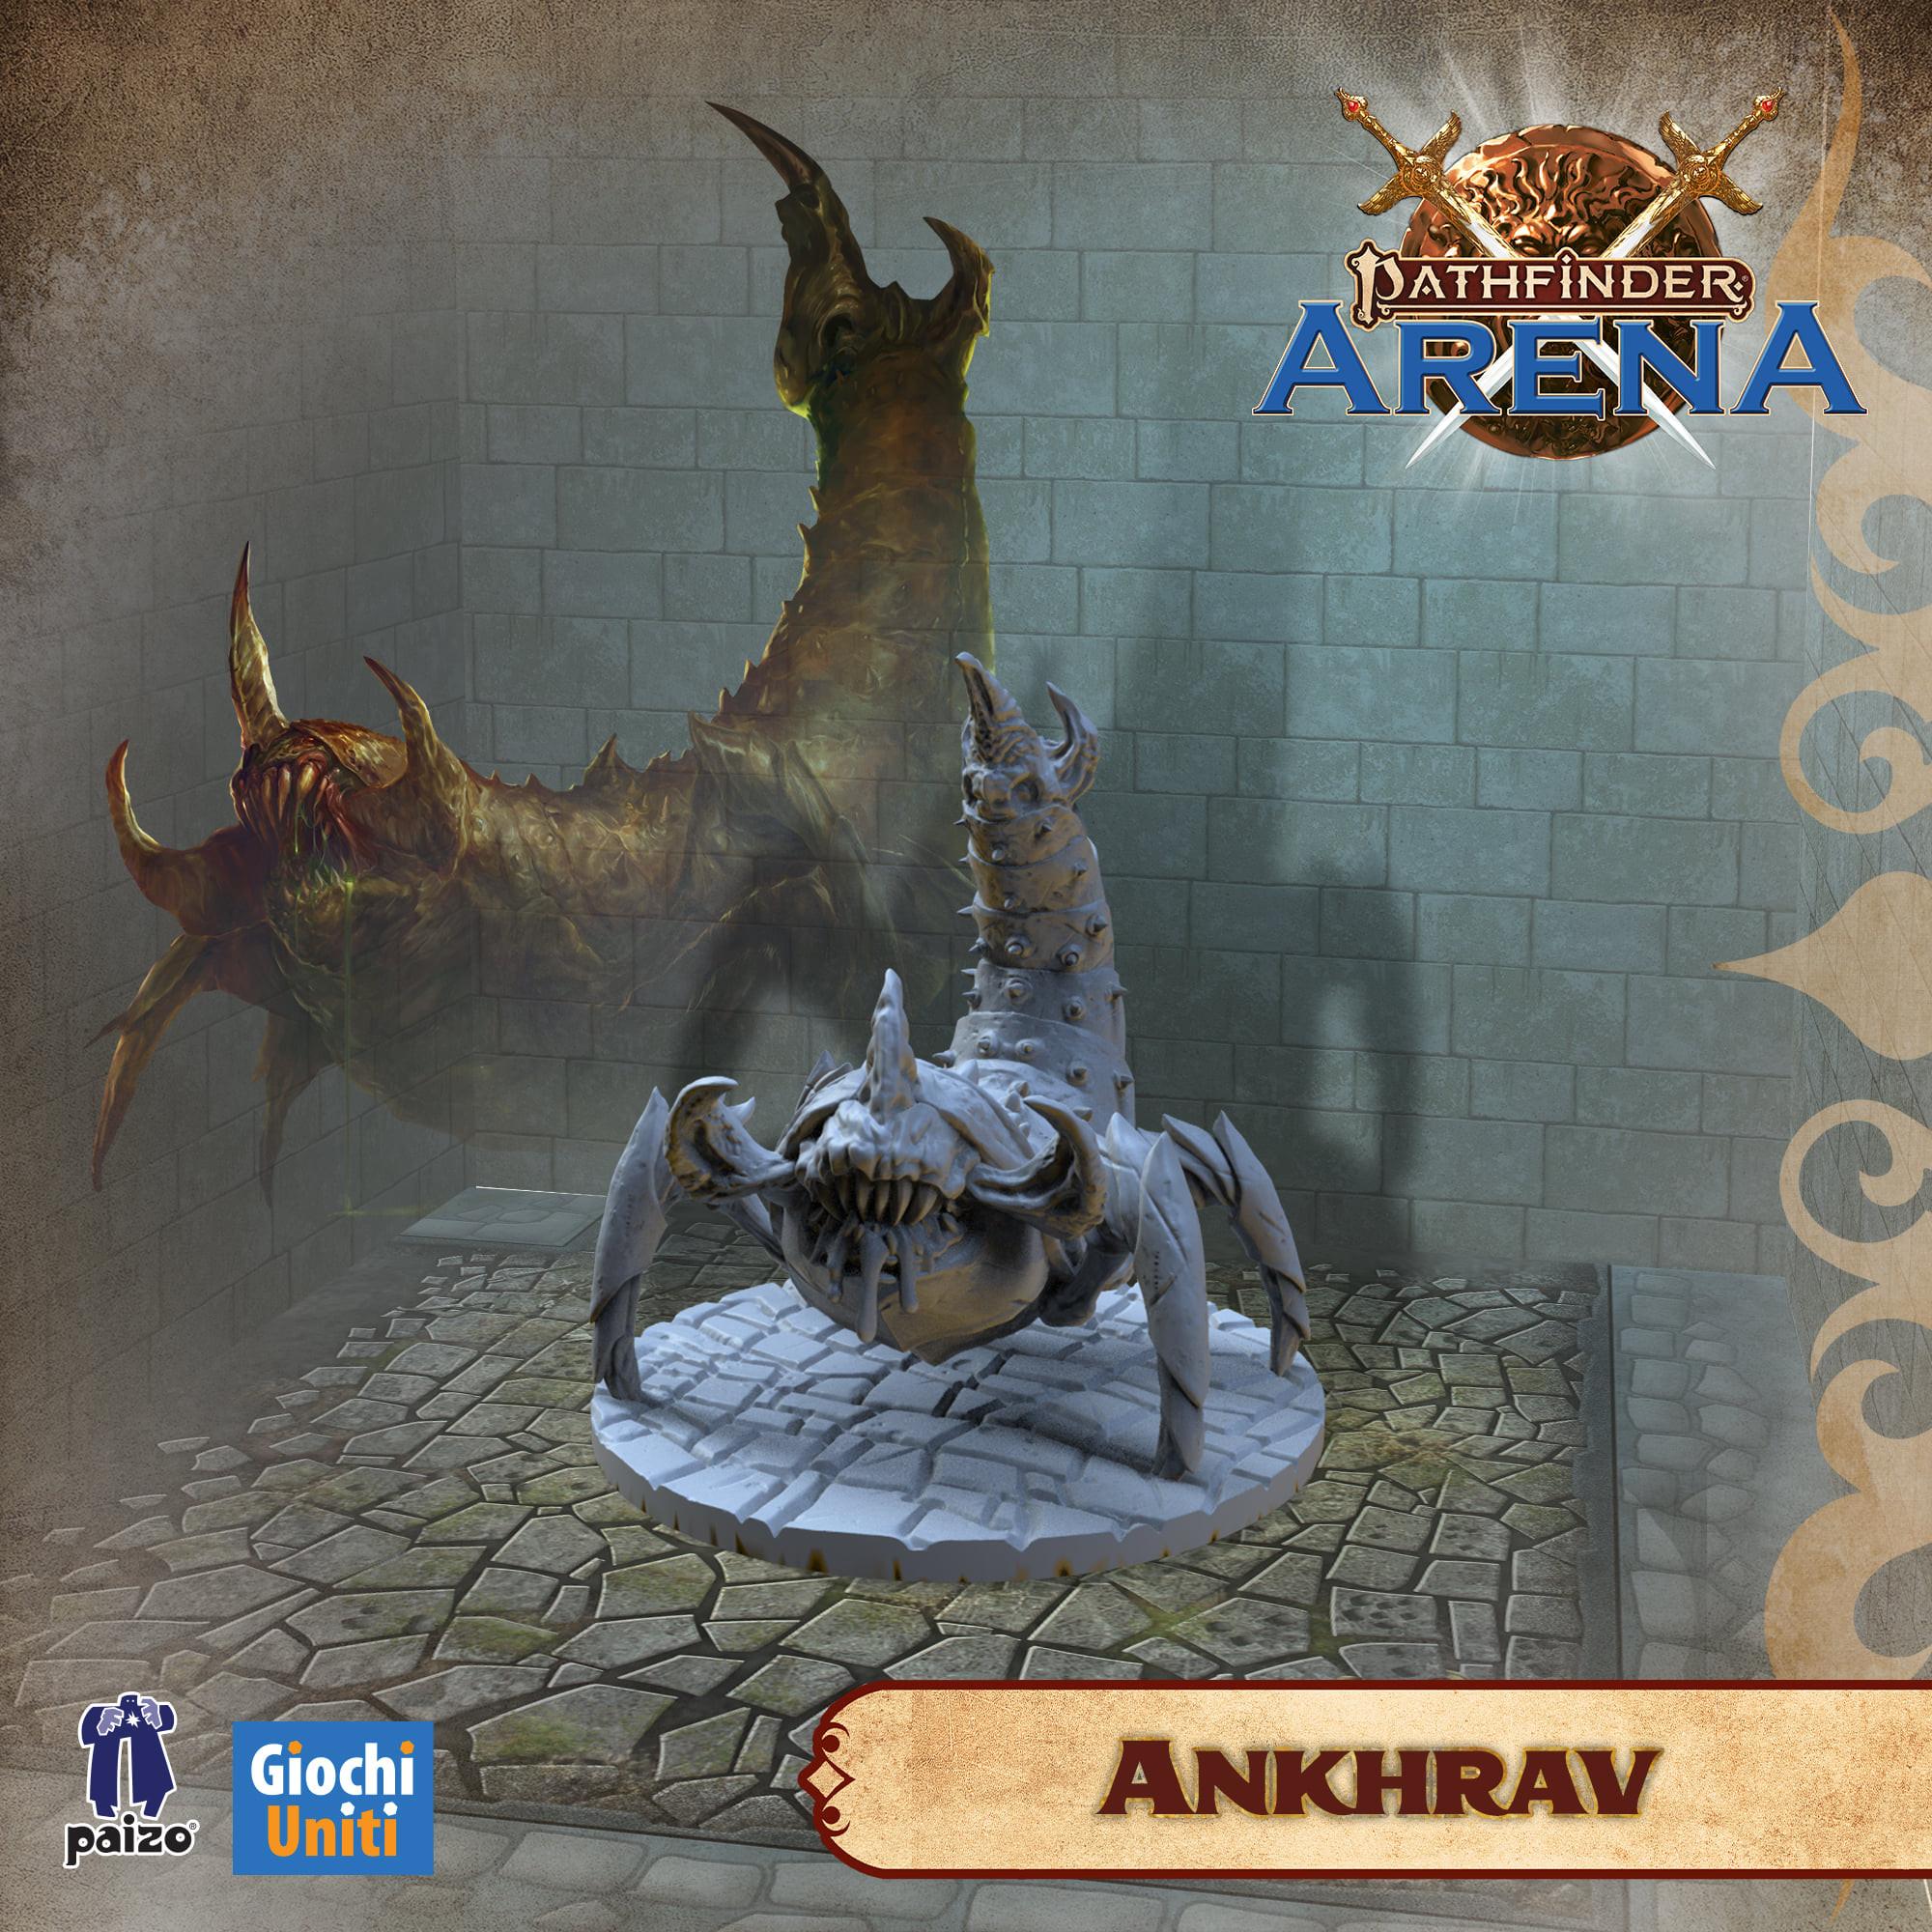 Ankhrav